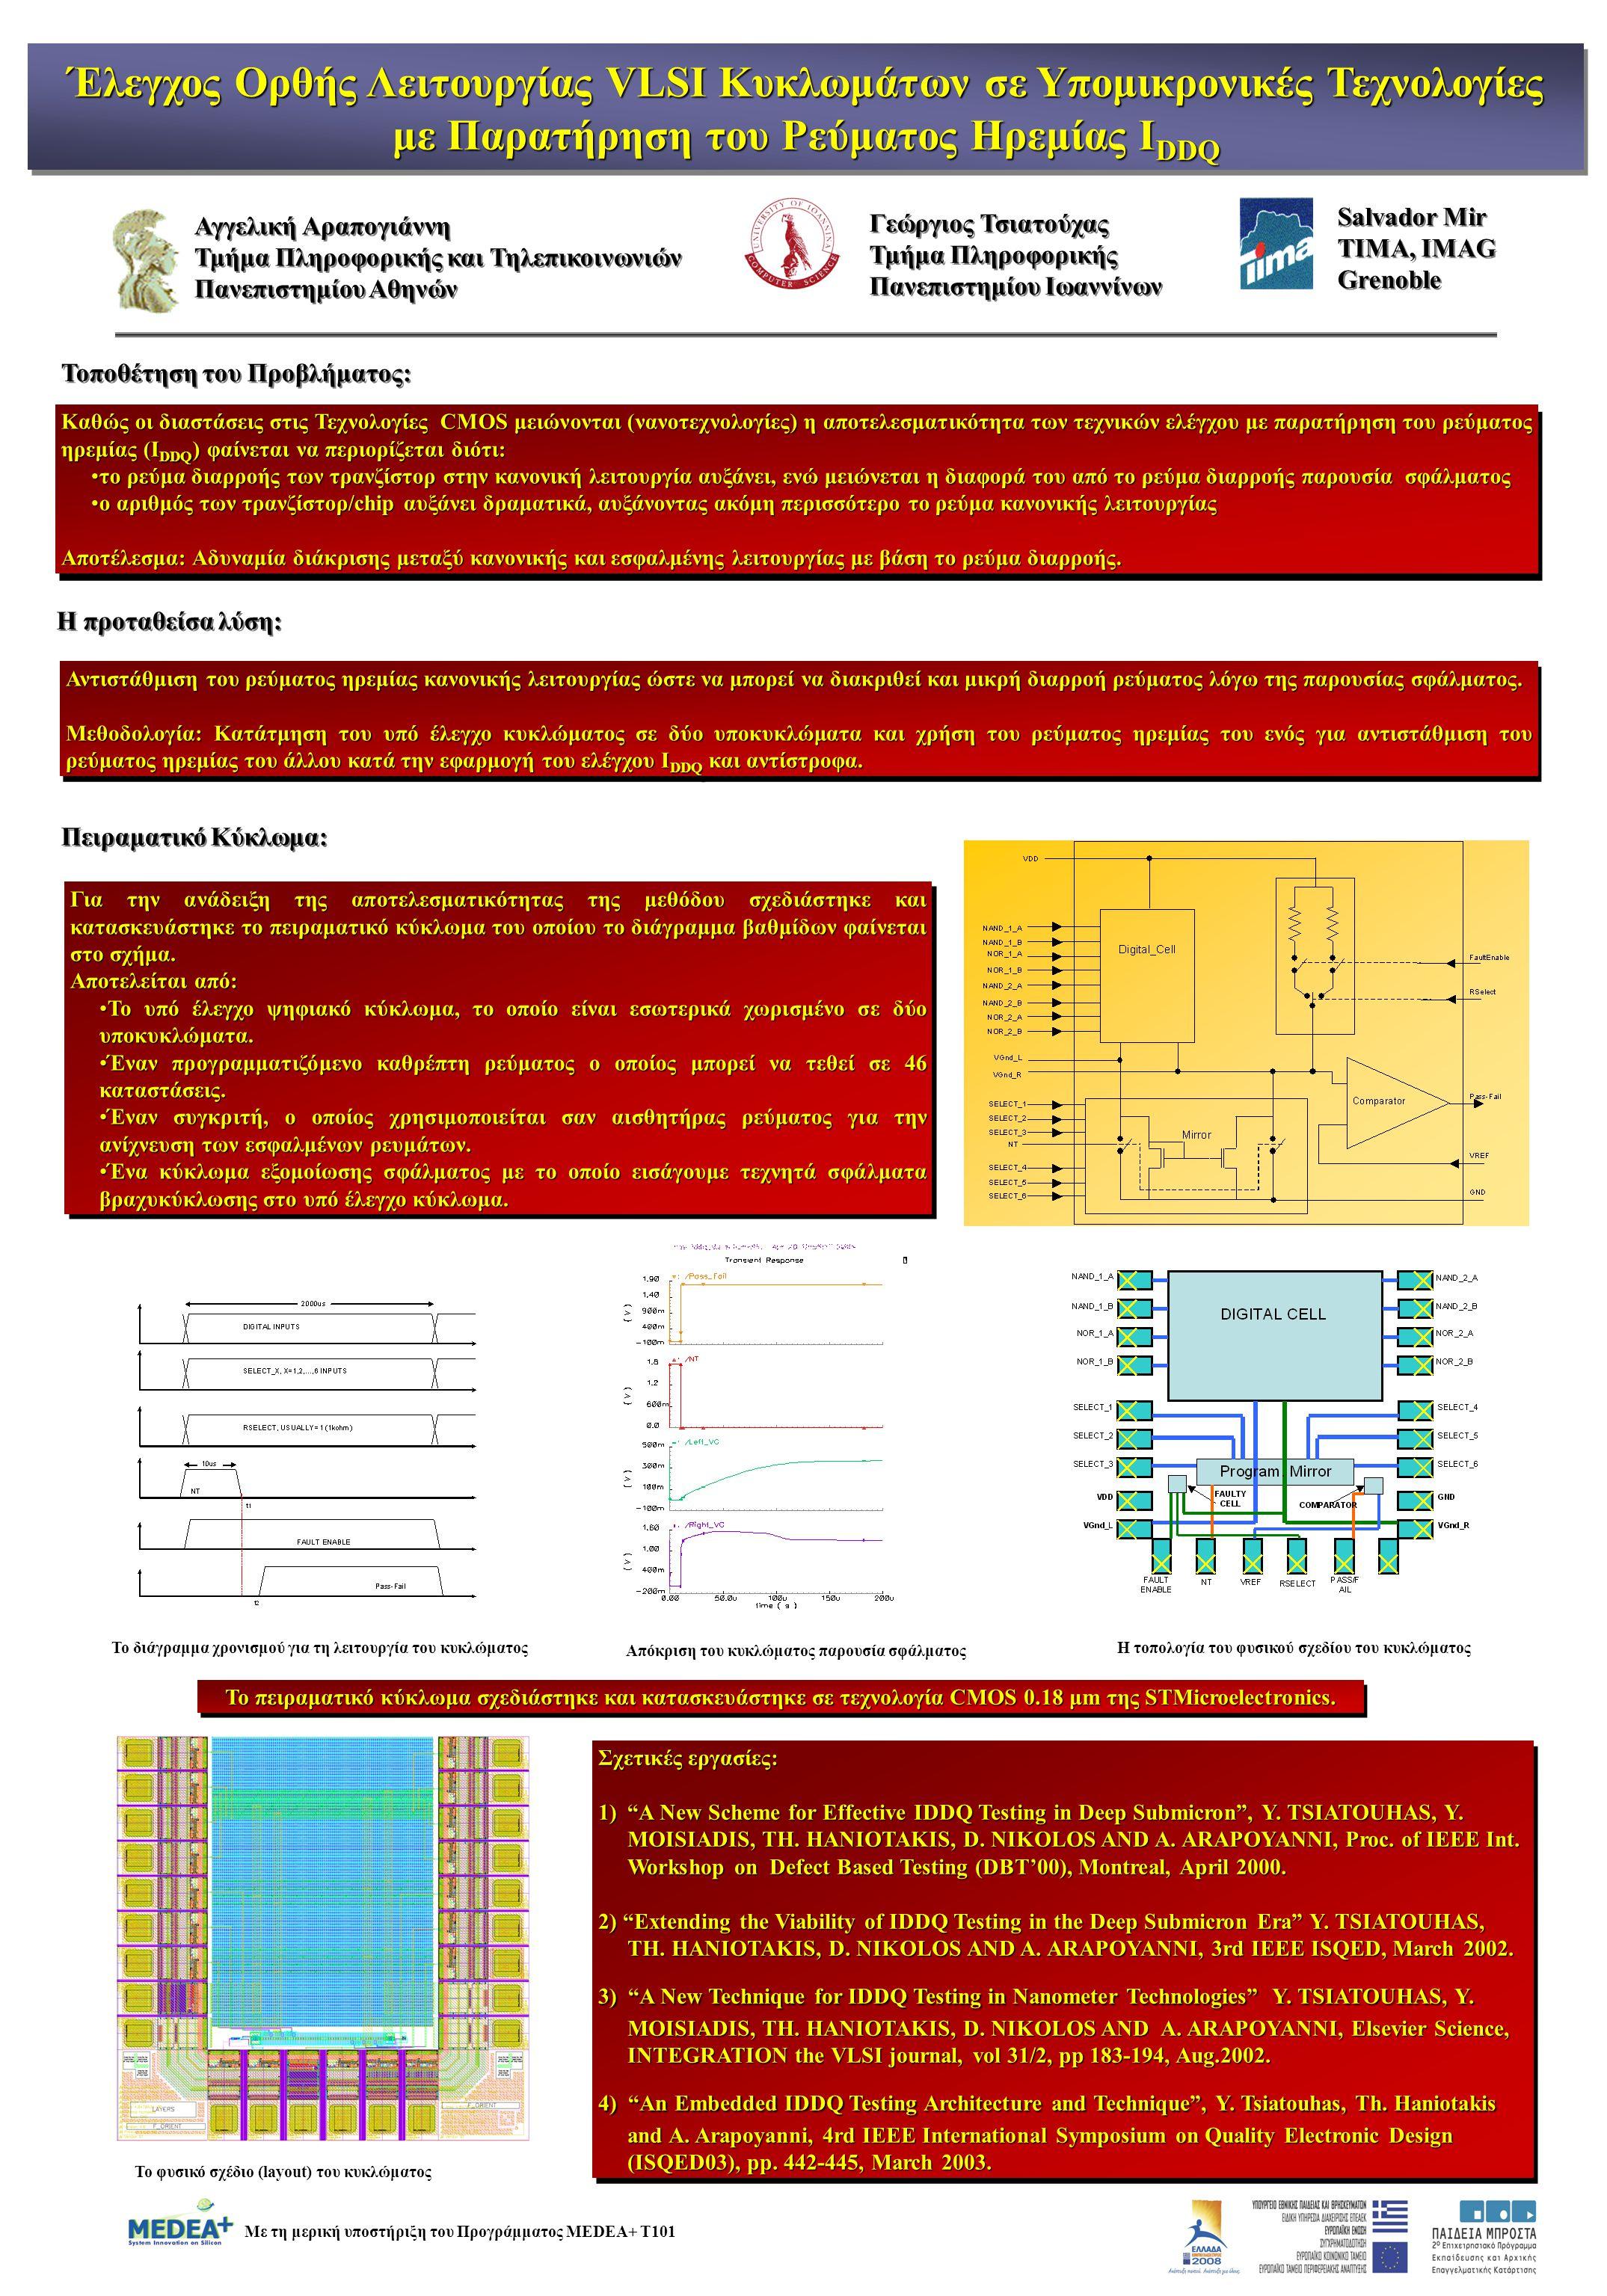 Έλεγχος Ορθής Λειτουργίας VLSI Κυκλωμάτων σε Υπομικρονικές Τεχνολογίες με Παρατήρηση του Ρεύματος Ηρεμίας I DDQ Έλεγχος Ορθής Λειτουργίας VLSI Κυκλωμάτων σε Υπομικρονικές Τεχνολογίες με Παρατήρηση του Ρεύματος Ηρεμίας I DDQ Τοποθέτηση του Προβλήματος: Καθώς οι διαστάσεις στις Τεχνολογίες CMOS μειώνονται (νανοτεχνολογίες) η αποτελεσματικότητα των τεχνικών ελέγχου με παρατήρηση του ρεύματος ηρεμίας (I DDQ ) φαίνεται να περιορίζεται διότι: το ρεύμα διαρροής των τρανζίστορ στην κανονική λειτουργία αυξάνει, ενώ μειώνεται η διαφορά του από το ρεύμα διαρροής παρουσία σφάλματοςτο ρεύμα διαρροής των τρανζίστορ στην κανονική λειτουργία αυξάνει, ενώ μειώνεται η διαφορά του από το ρεύμα διαρροής παρουσία σφάλματος ο αριθμός των τρανζίστορ/chip αυξάνει δραματικά, αυξάνοντας ακόμη περισσότερο το ρεύμα κανονικής λειτουργίαςο αριθμός των τρανζίστορ/chip αυξάνει δραματικά, αυξάνοντας ακόμη περισσότερο το ρεύμα κανονικής λειτουργίας Αποτέλεσμα: Αδυναμία διάκρισης μεταξύ κανονικής και εσφαλμένης λειτουργίας με βάση το ρεύμα διαρροής.